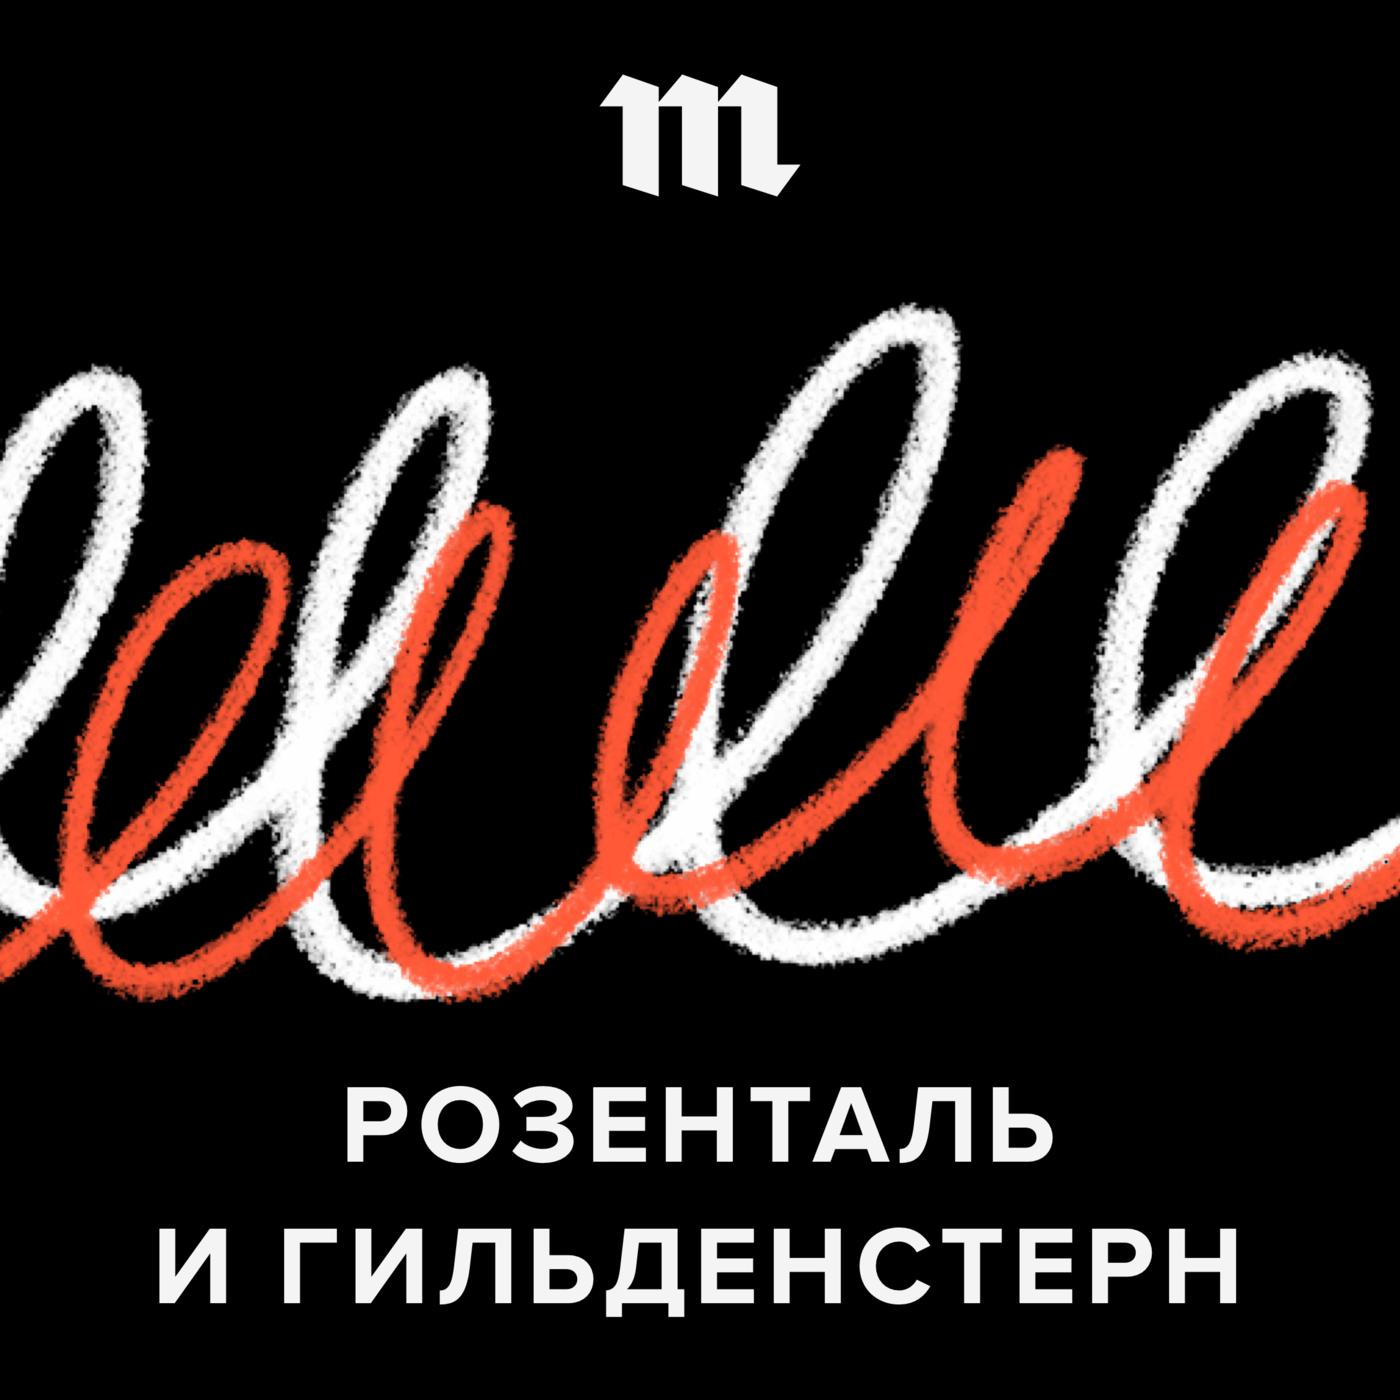 Купить книгу «С Розенталем все ясно, но почему Гильденстерн?» Отвечаем на ваши вопросы о русском языке, автора Владимира Пахомова